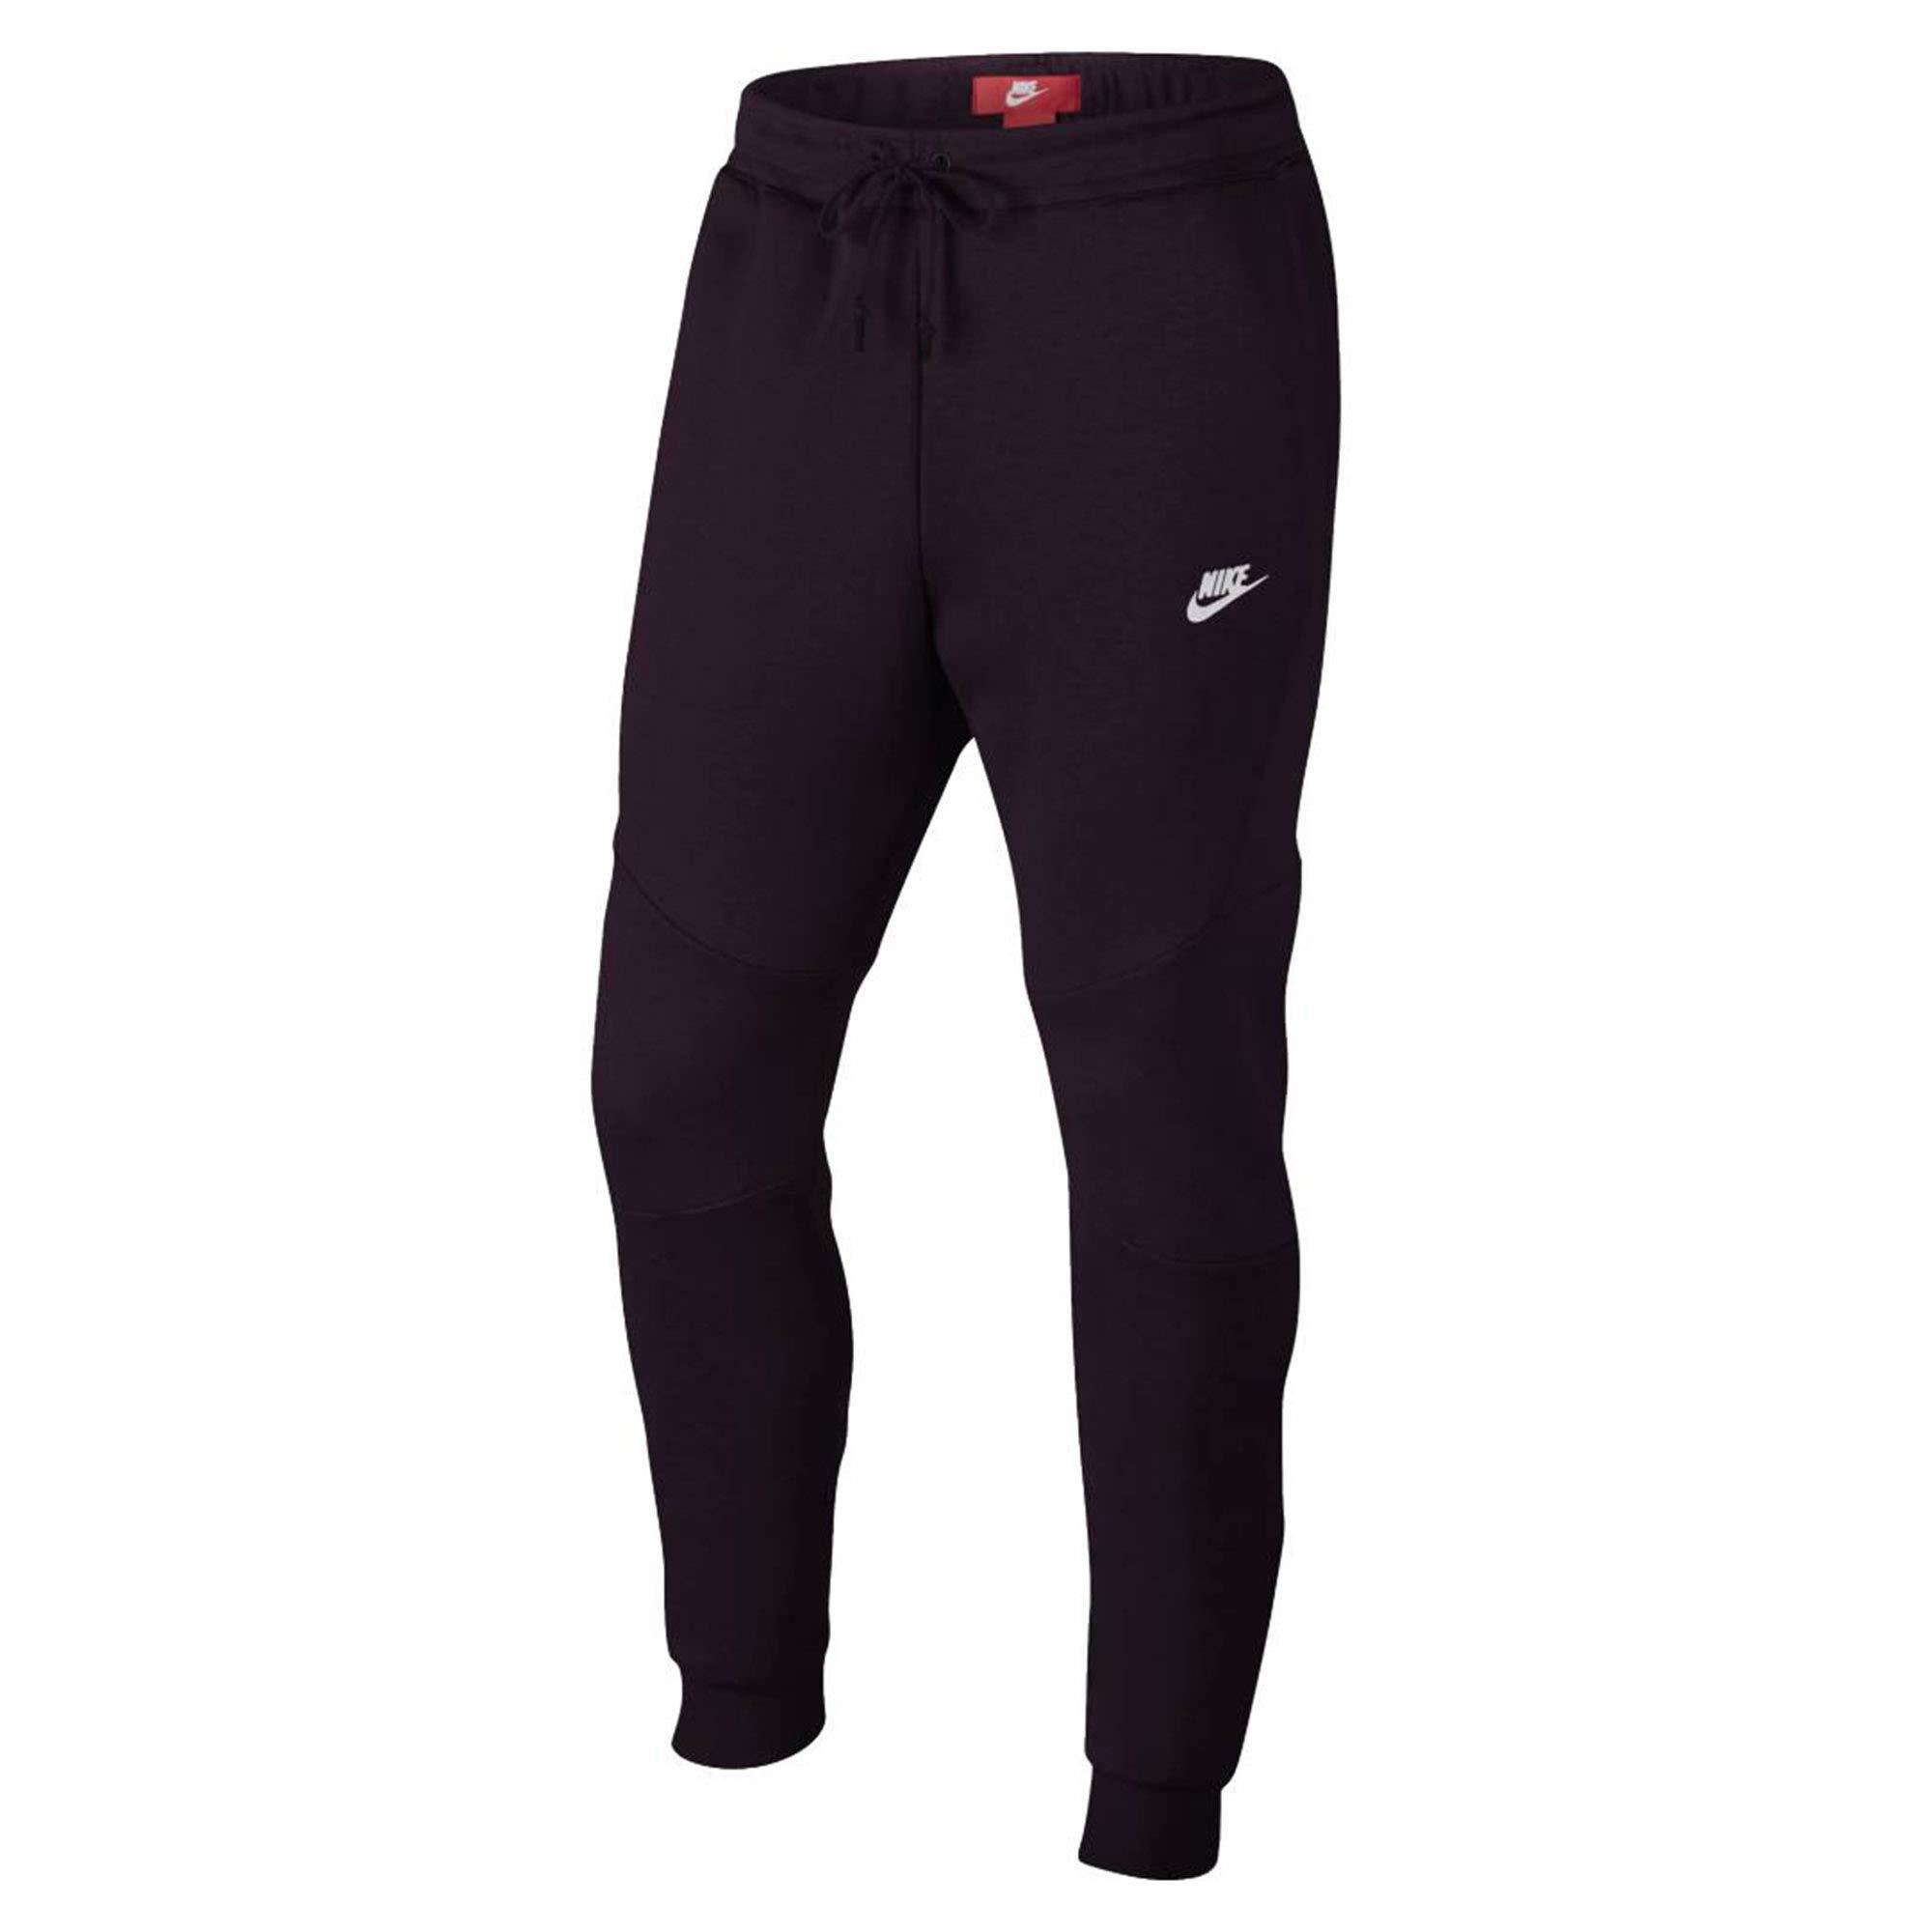 e1e5446ac47c Nike Sportswear Tech Fleece Jogger Pant Mens Style  805162-659 Size  XXL